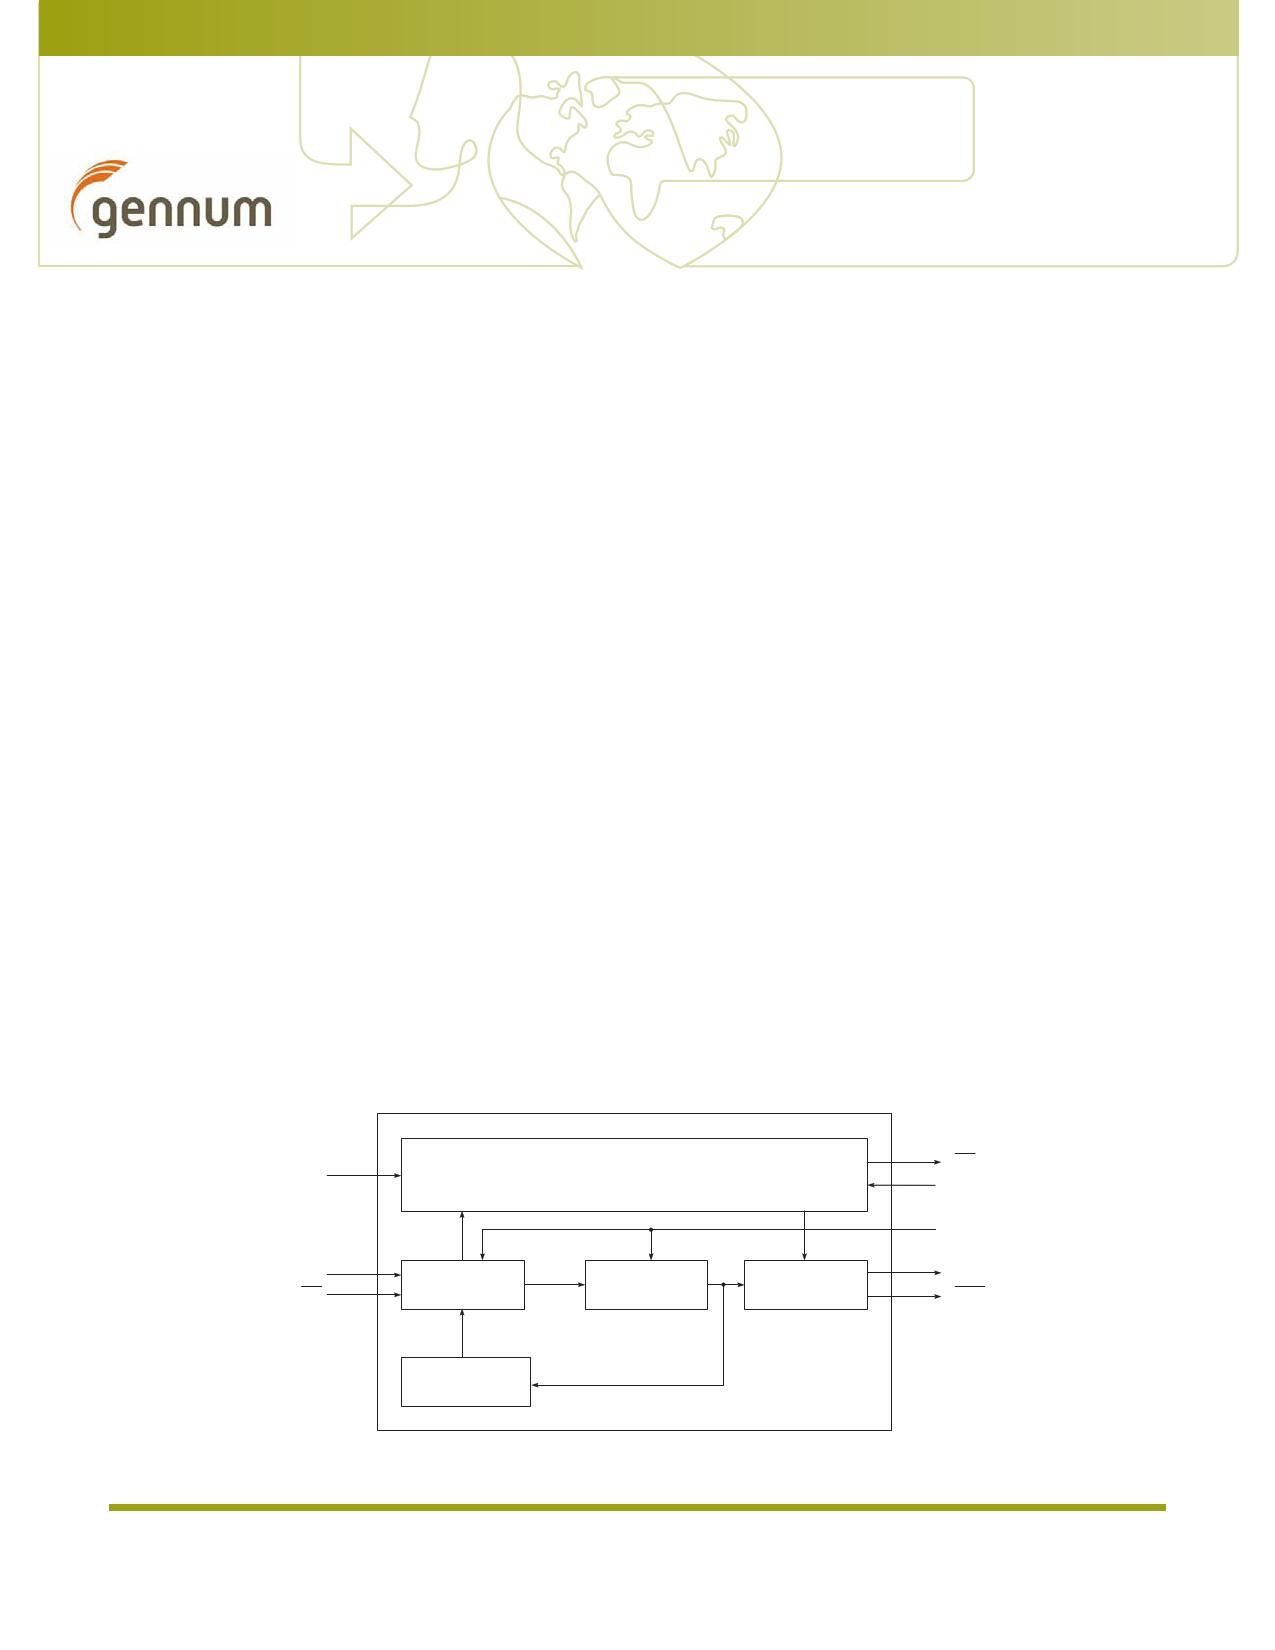 GS2974A datasheet